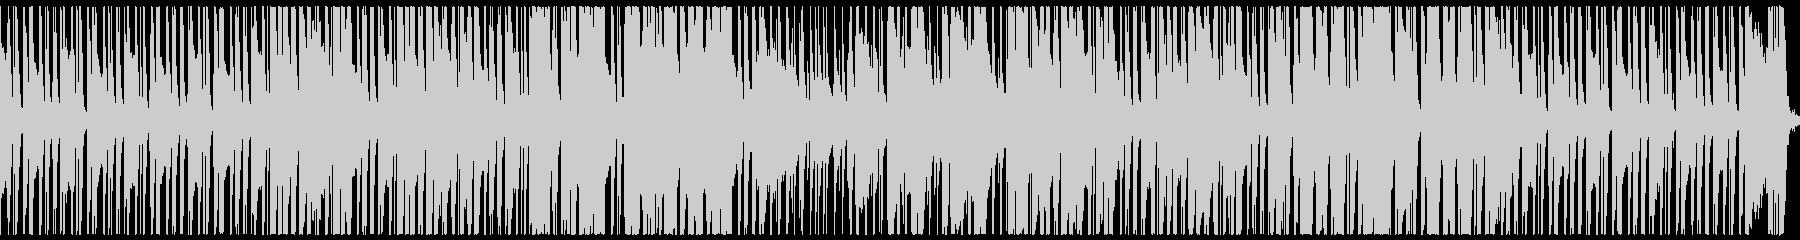 ジャズ アクション ハイテク アン...の未再生の波形